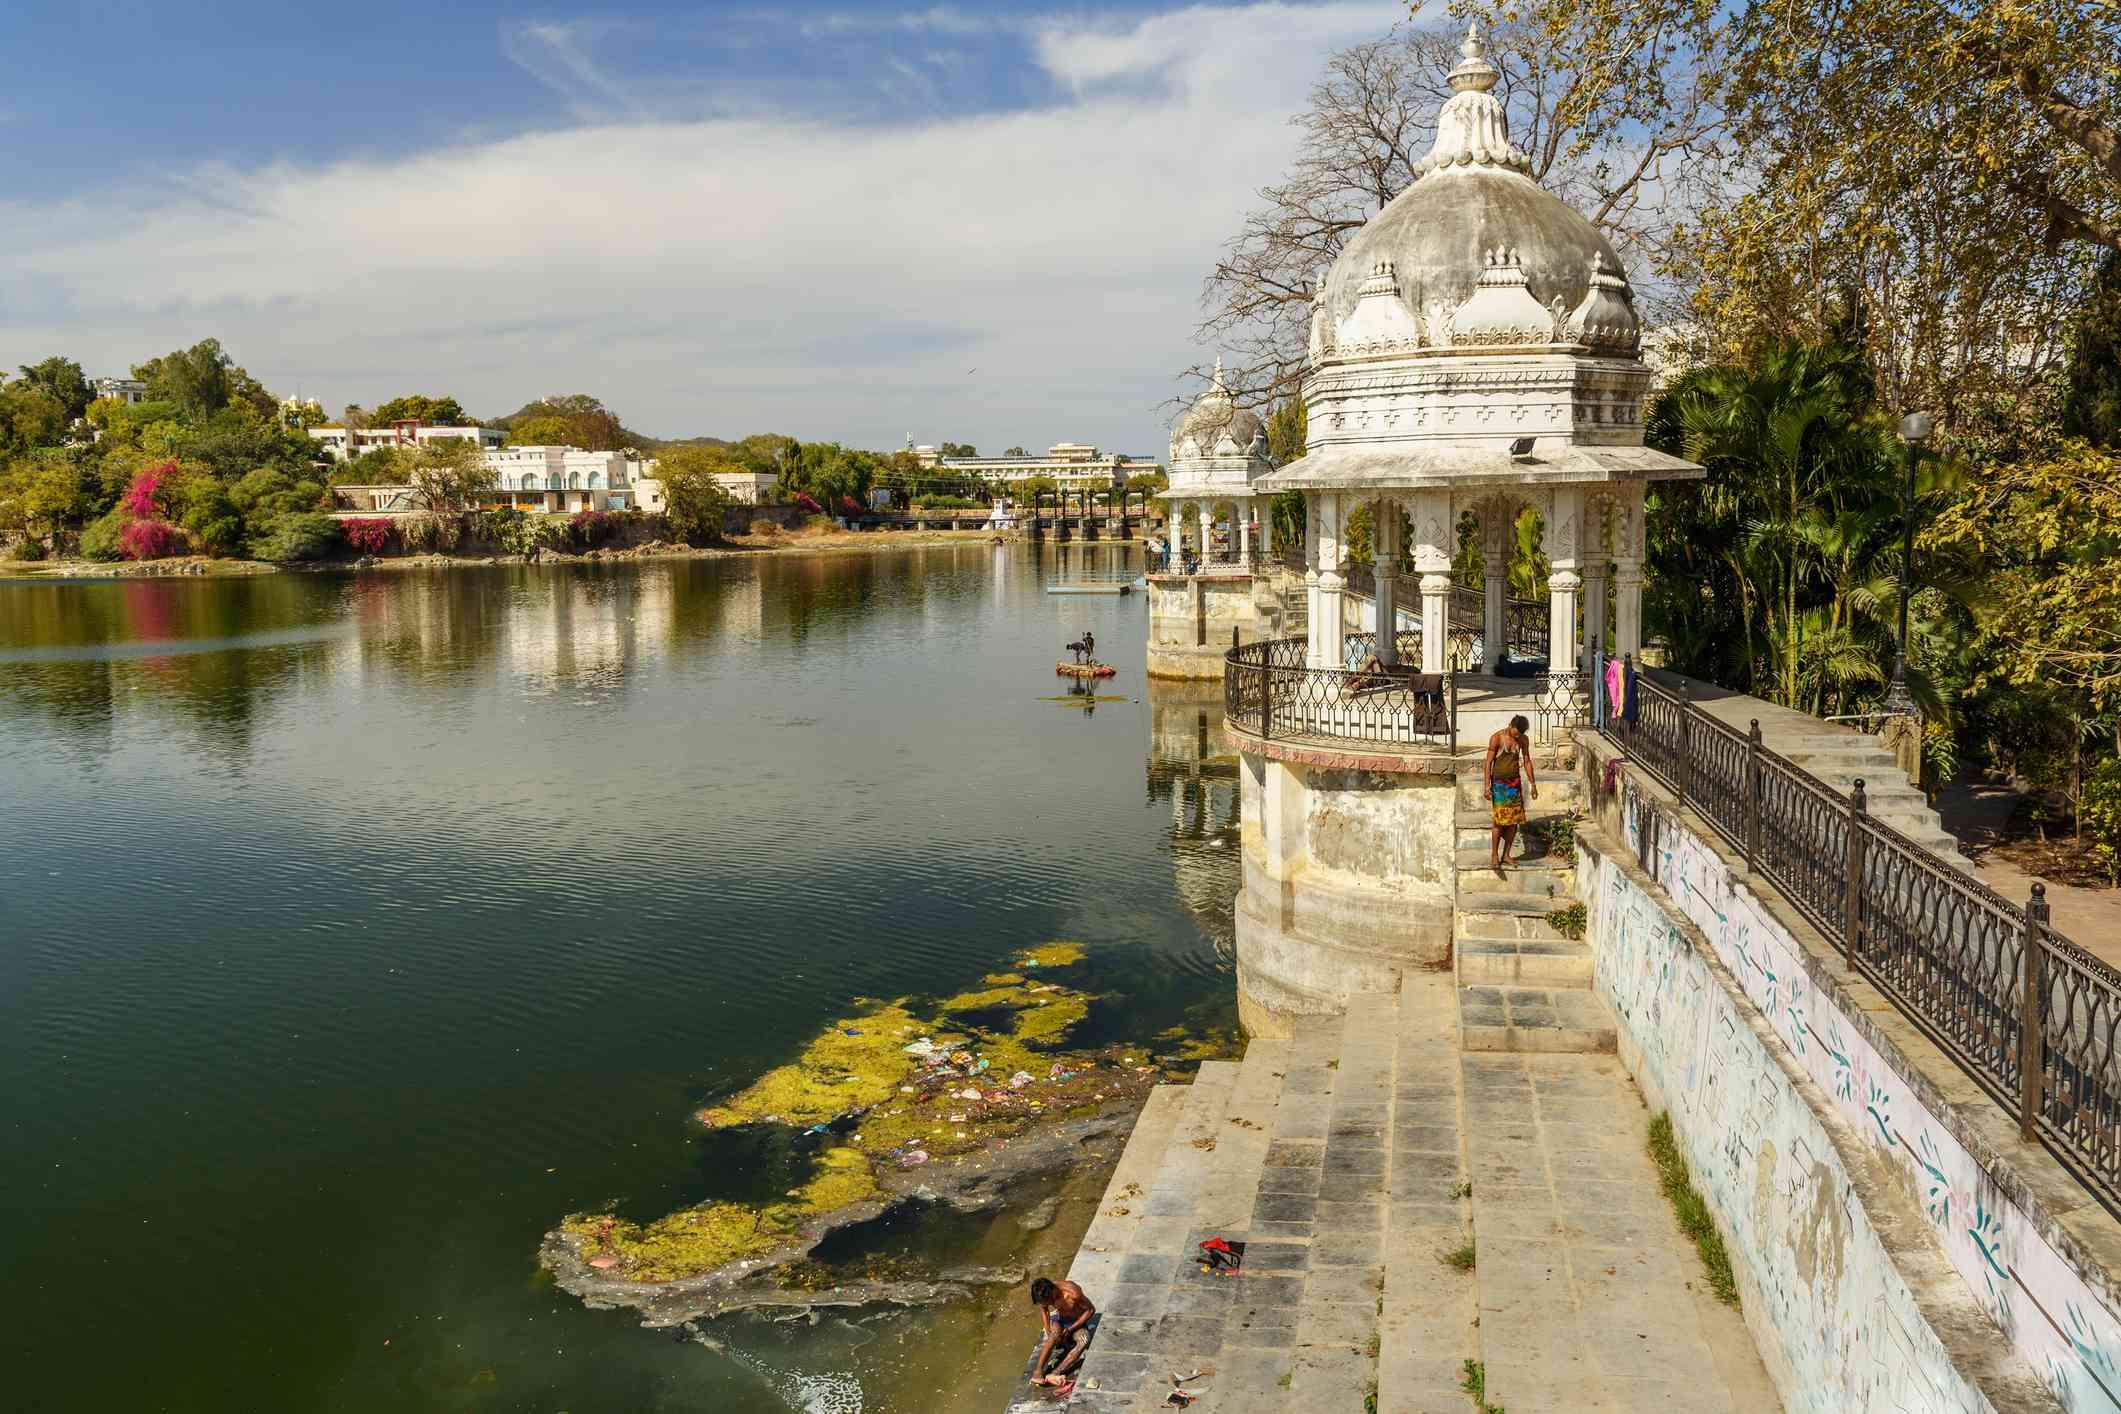 Swaroop Sagar Lake